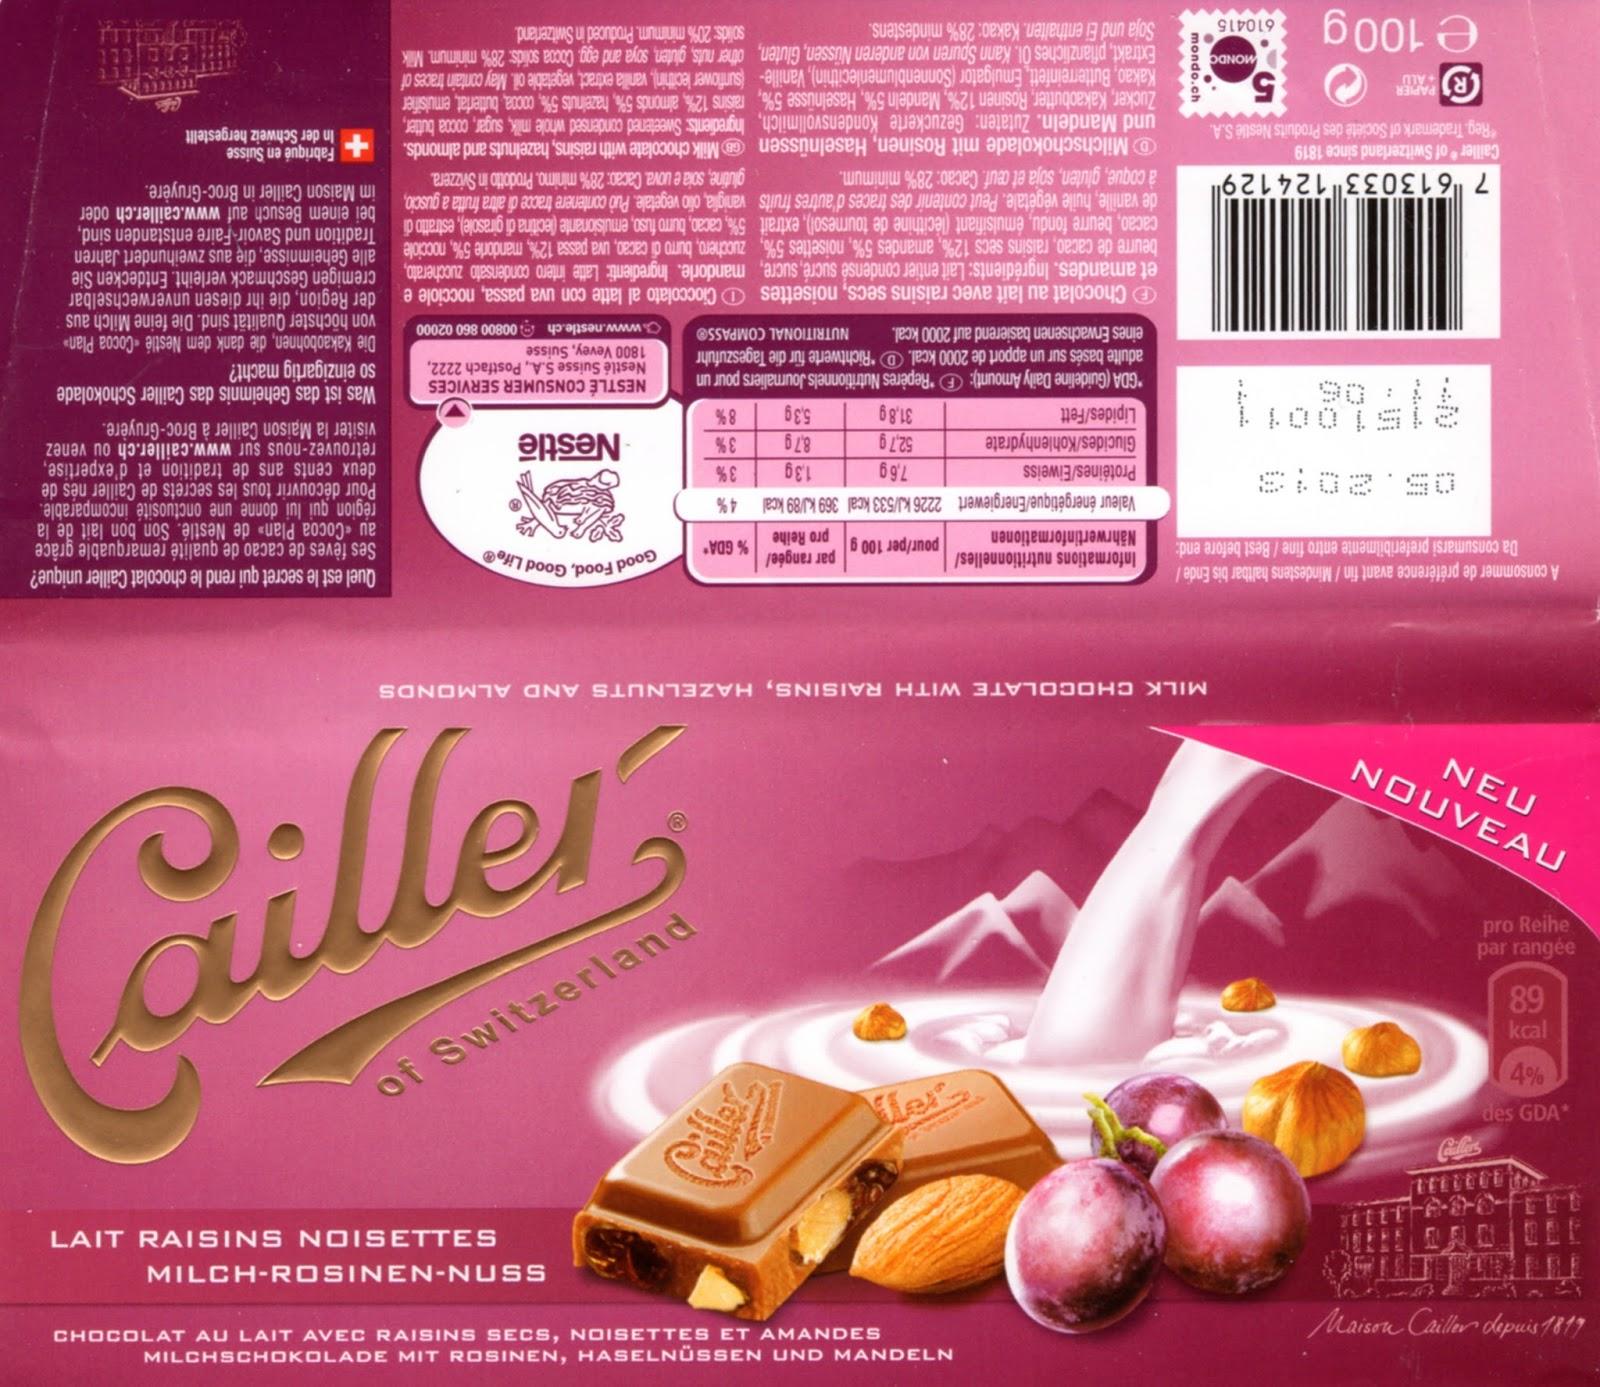 tablette de chocolat lait gourmand cailler lait raisins noisettes